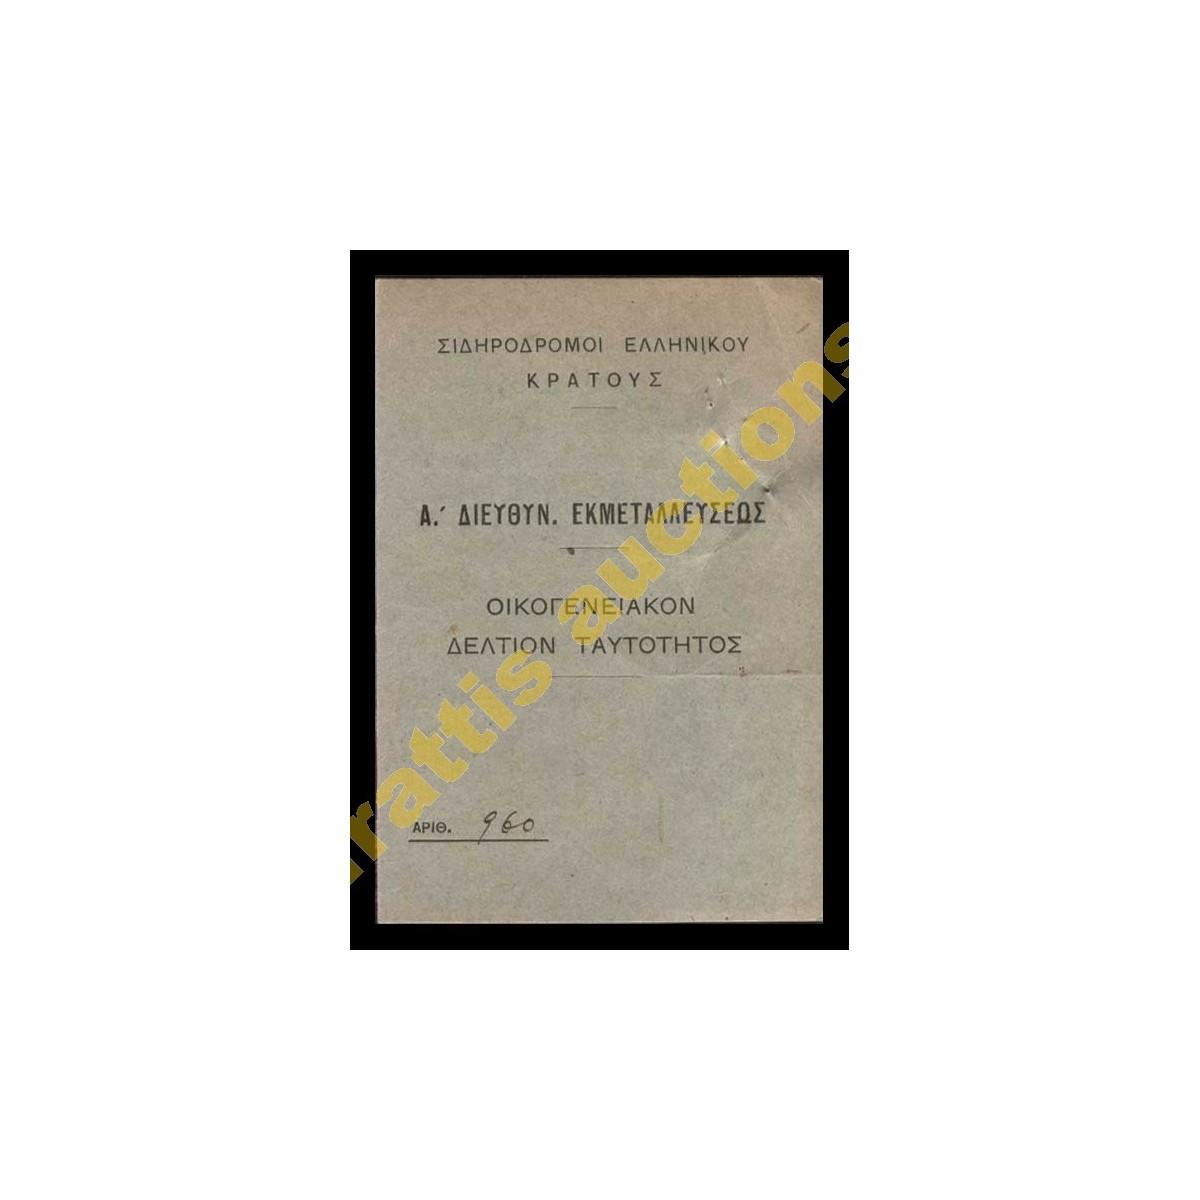 Σιδηρόδρομοι Ελλ. Κράτους, Δελτίον Ταυτότητος. Αθήνα 1926.